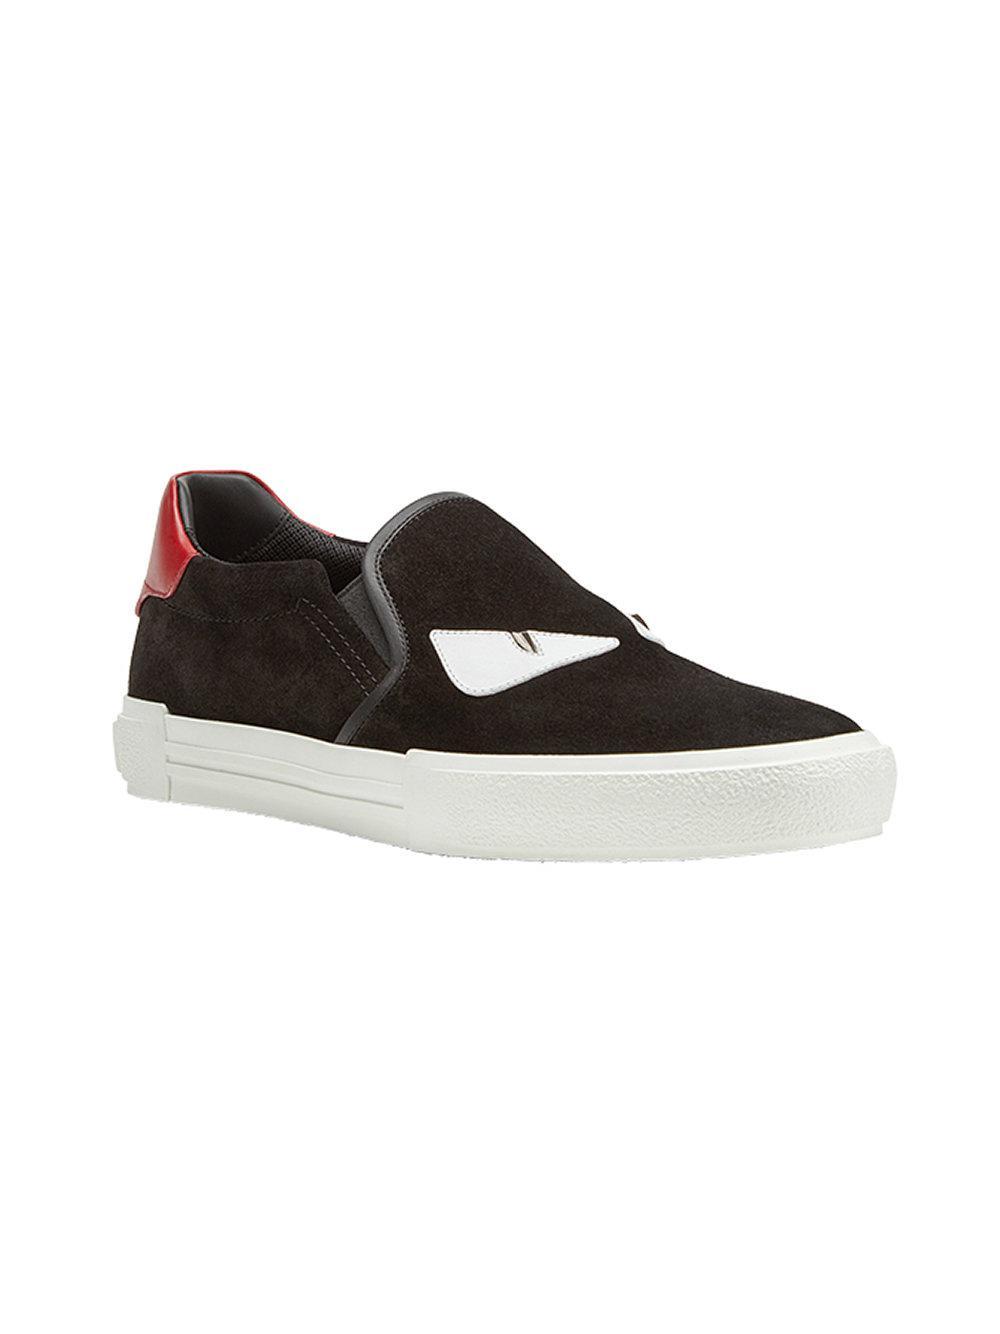 Lyst - Chaussures de skate à appliqués Bag Bugs Fendi pour homme en ... 2c6d82b4261